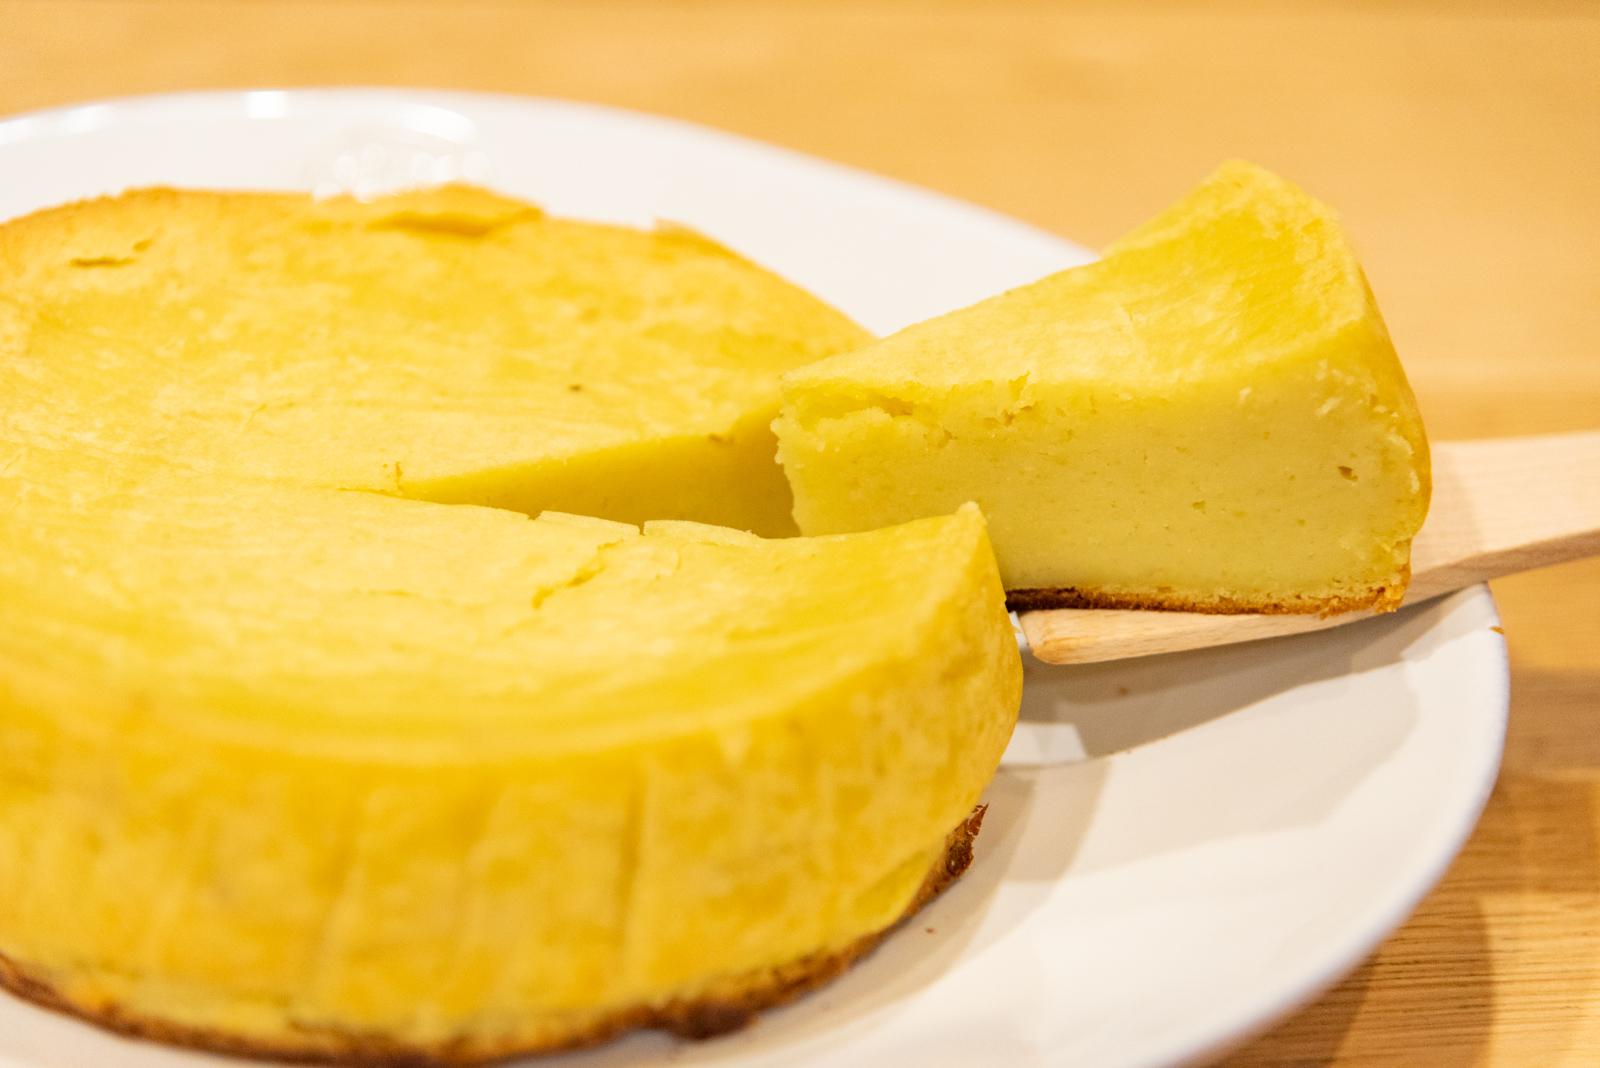 スイートポテトケーキやパンケーキも!バイタミックスを使ったおすすめスイーツレシピ特集